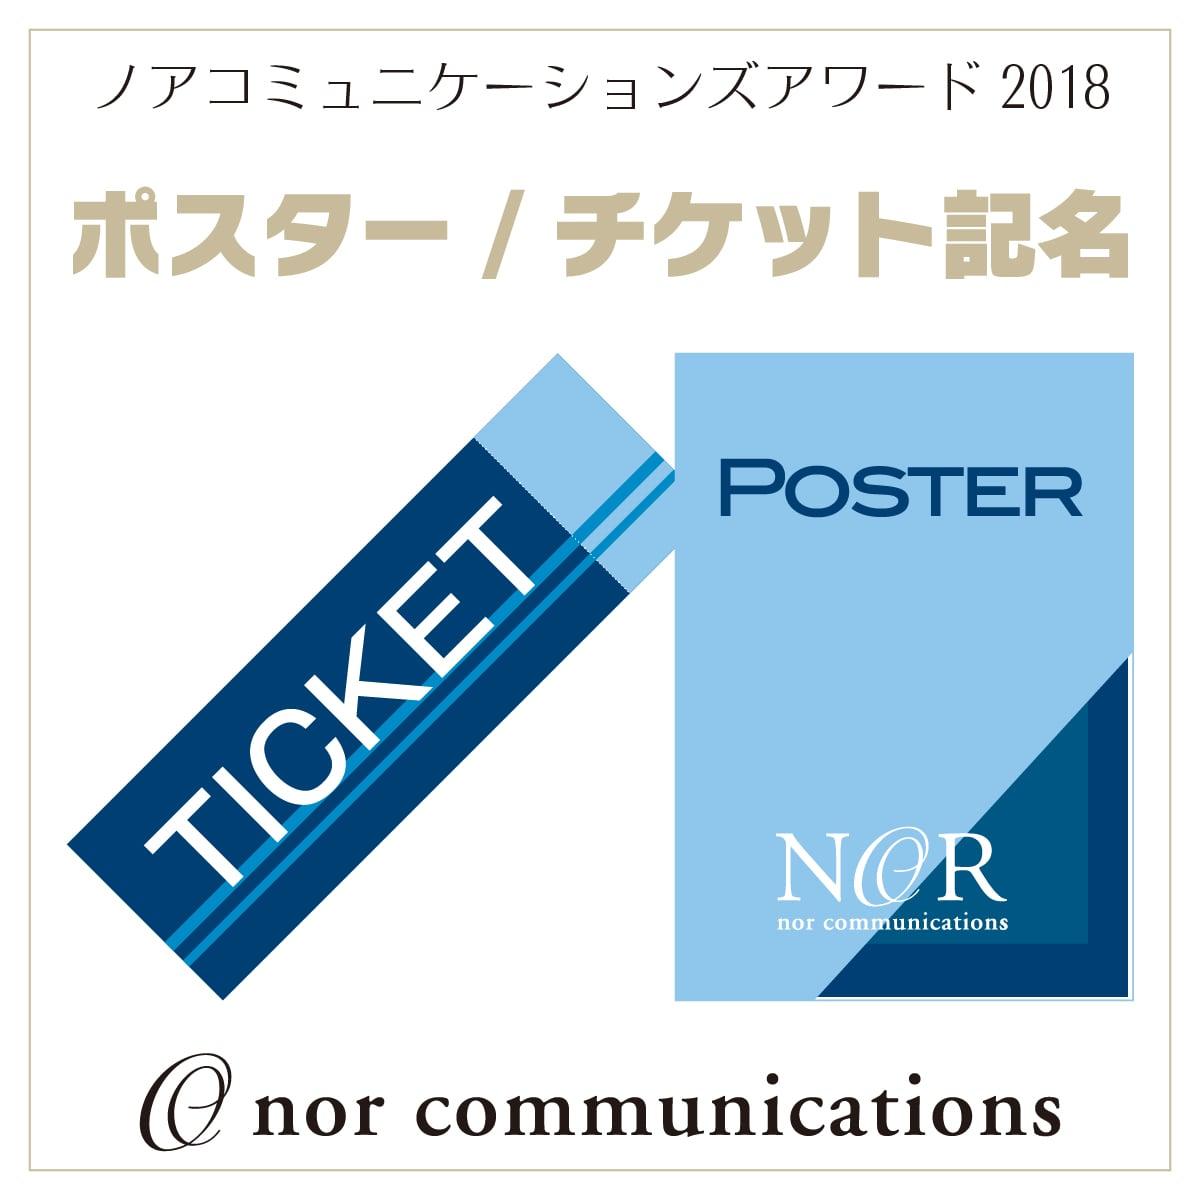 【特別協賛】ノアコミュニケーションズアワード2018特別協賛チケット《先着限定5社》のイメージその6